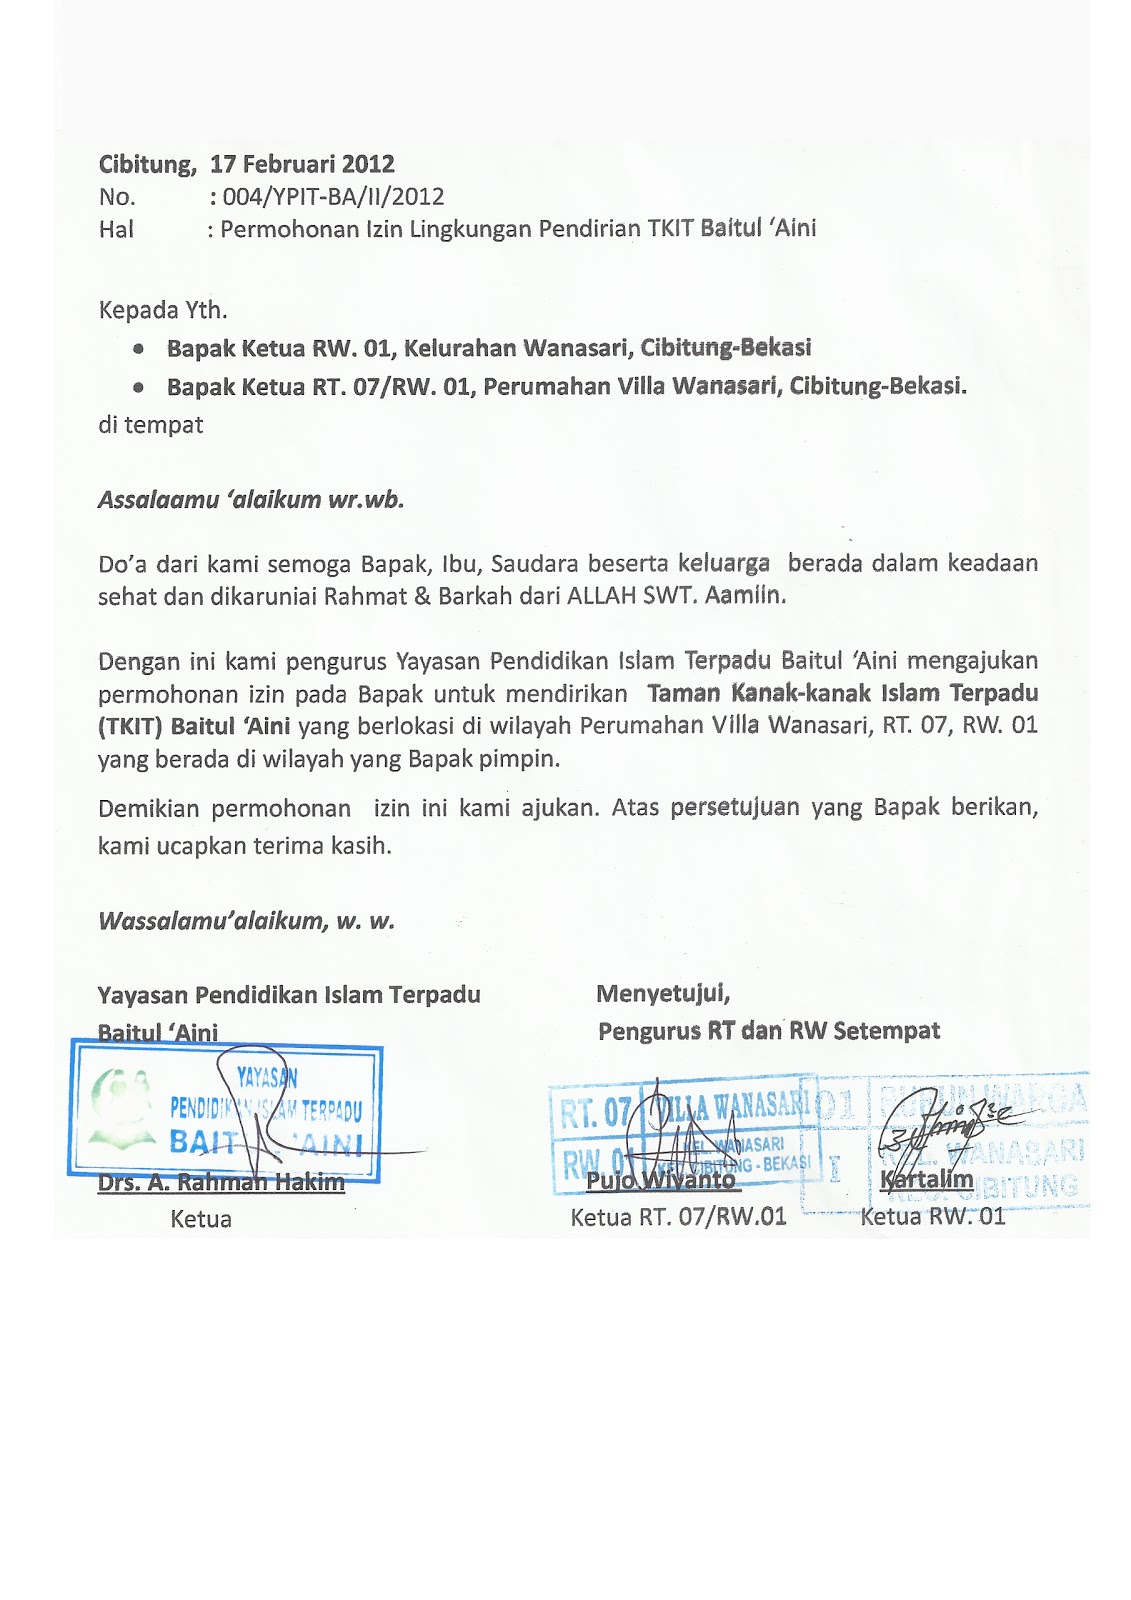 Contoh Surat Izin Untuk Penelitian Mahasiswa Contoh Surat Pengantar Kepala Desa Cucupan Slideshare Persediaan Menyusul Surat Tempat Kami Ini Surat Memungkinkan Dari Jpn